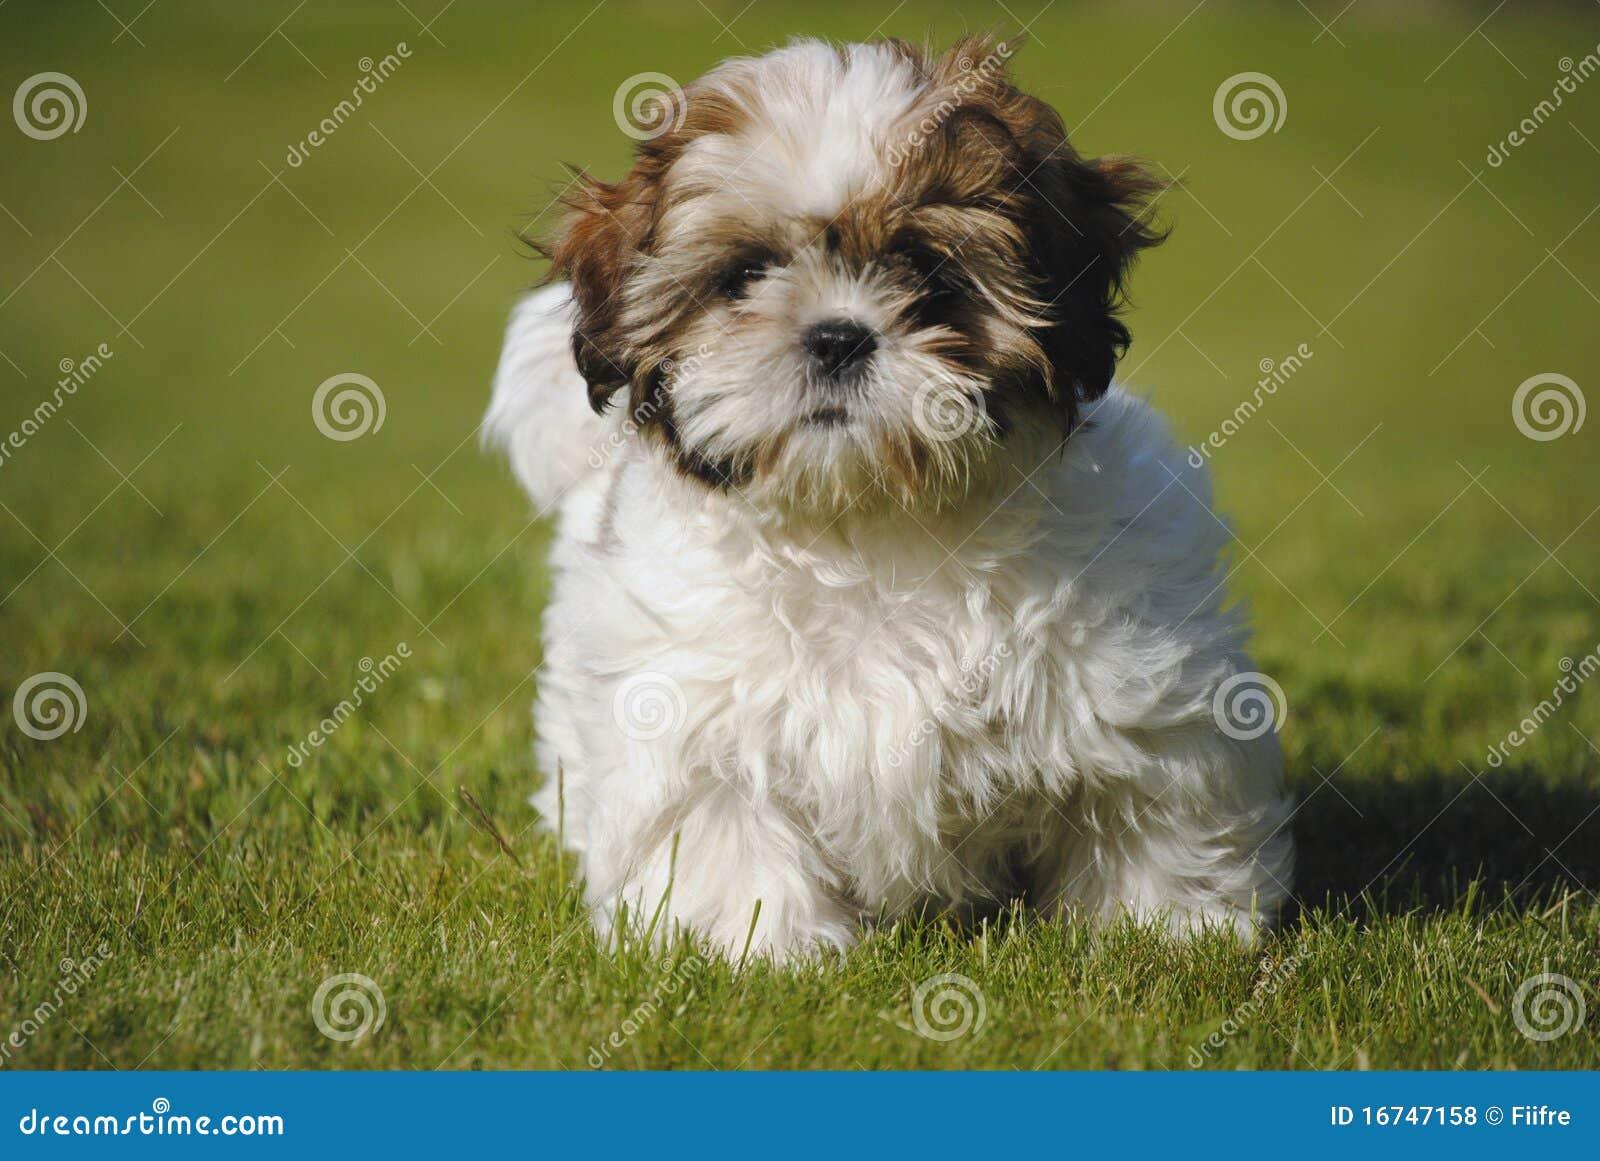 Dog Shi-Tzu Royalty Free Stock Photos - Image: 16747158